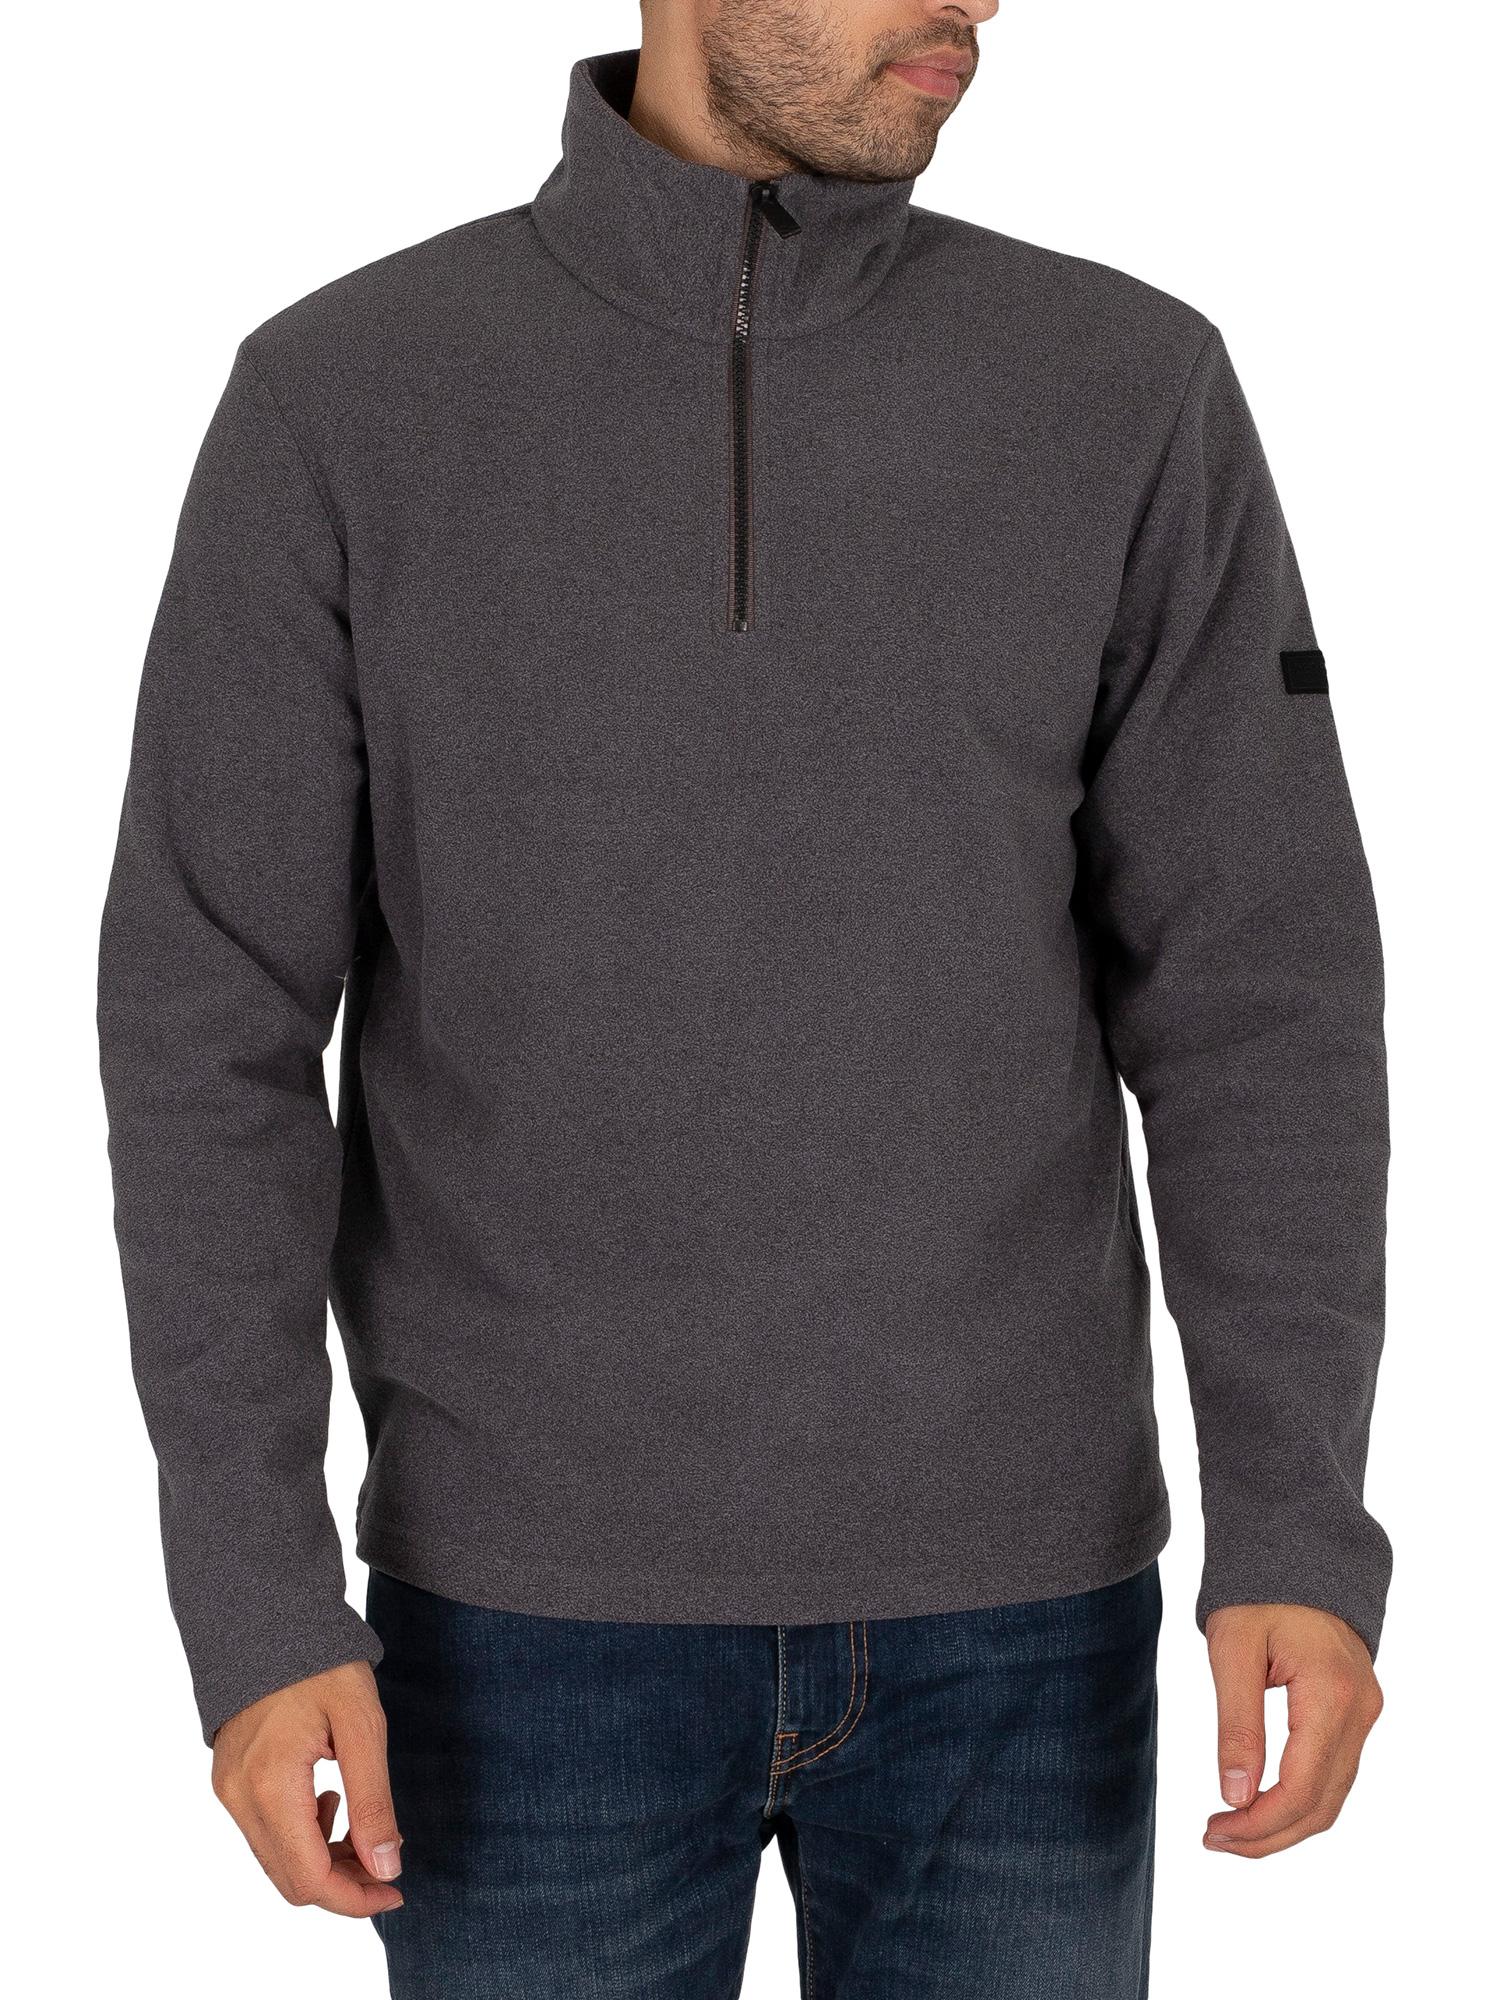 Edley Zip Sweatshirt